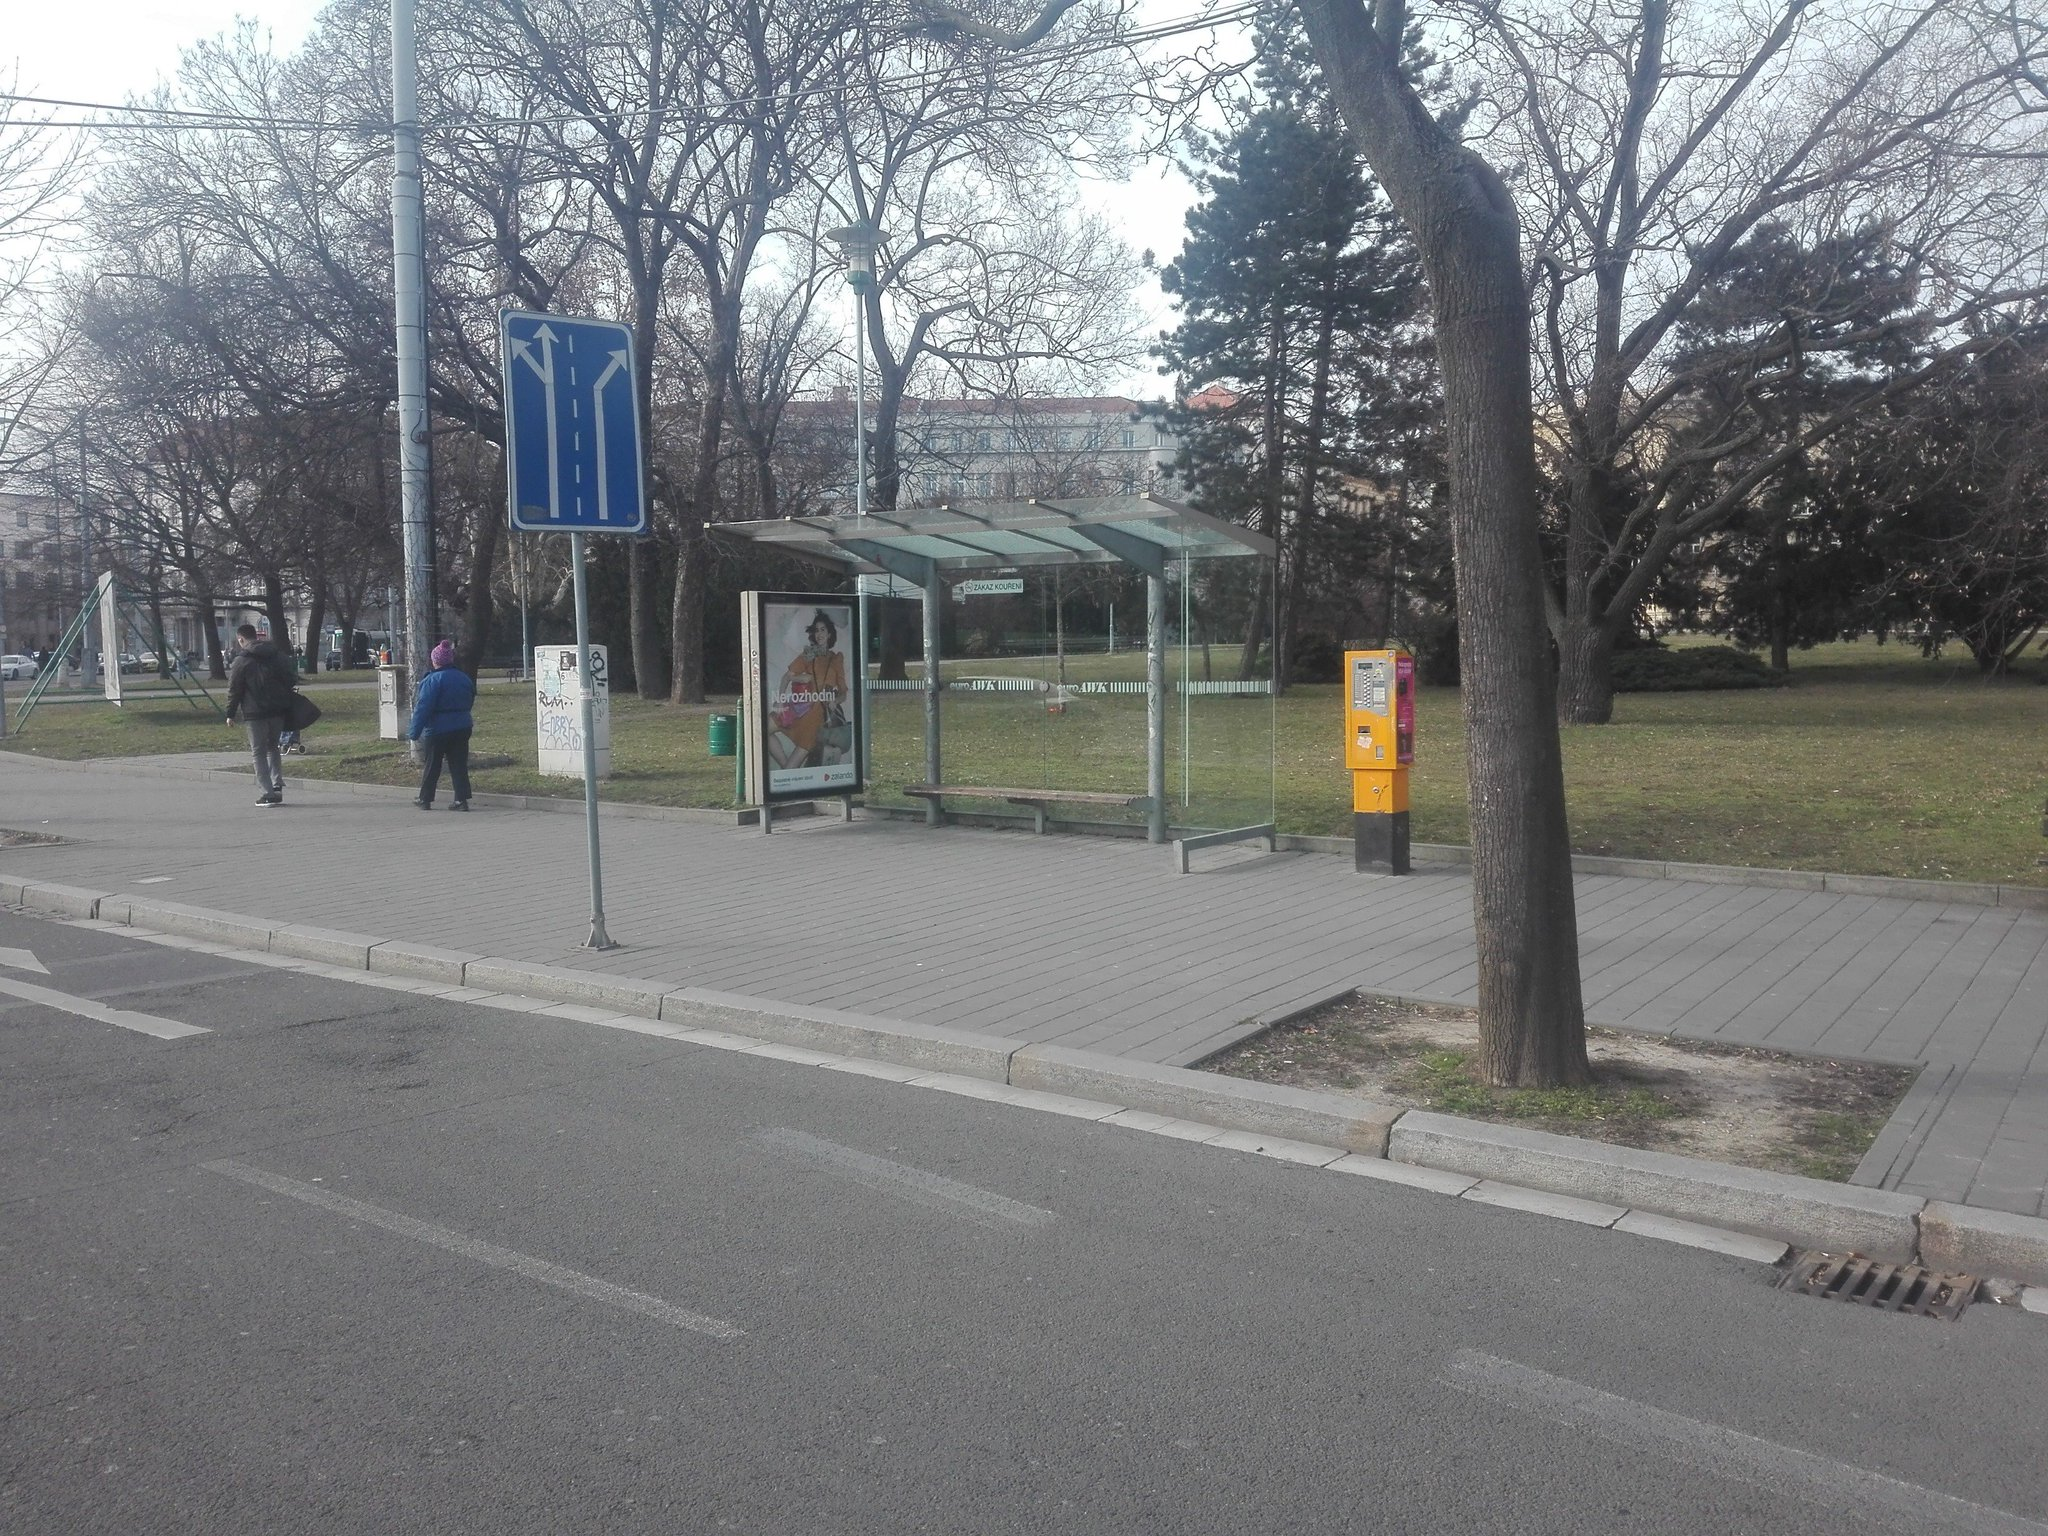 Zastávka Moravské náměstí. Foto: Patrik Švec